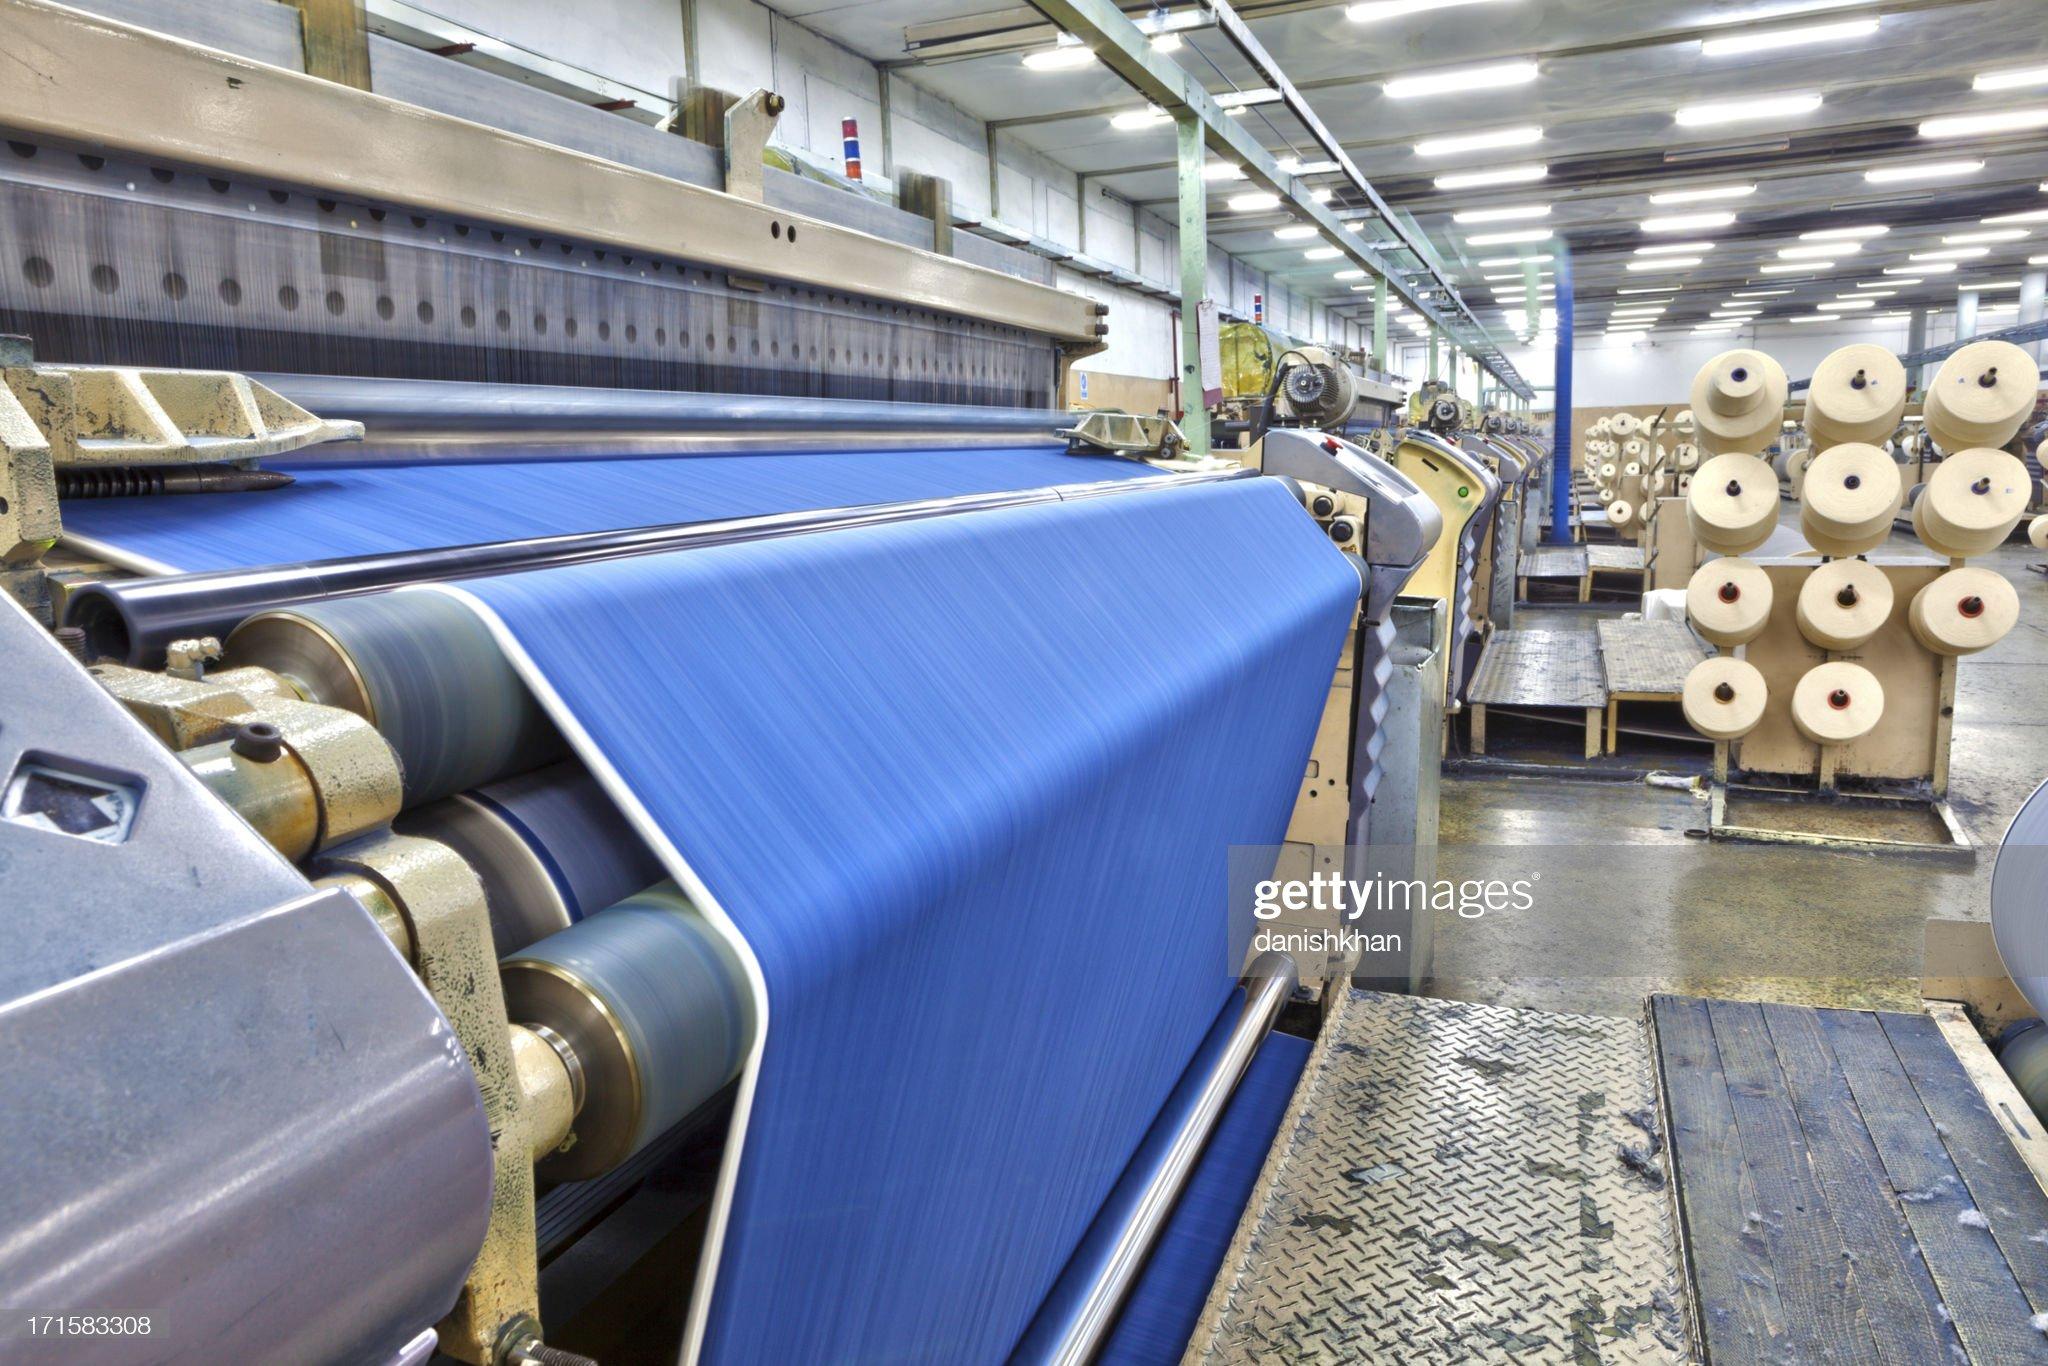 Denim indústria têxtil-Big tecer sala, HDR : Foto de stock